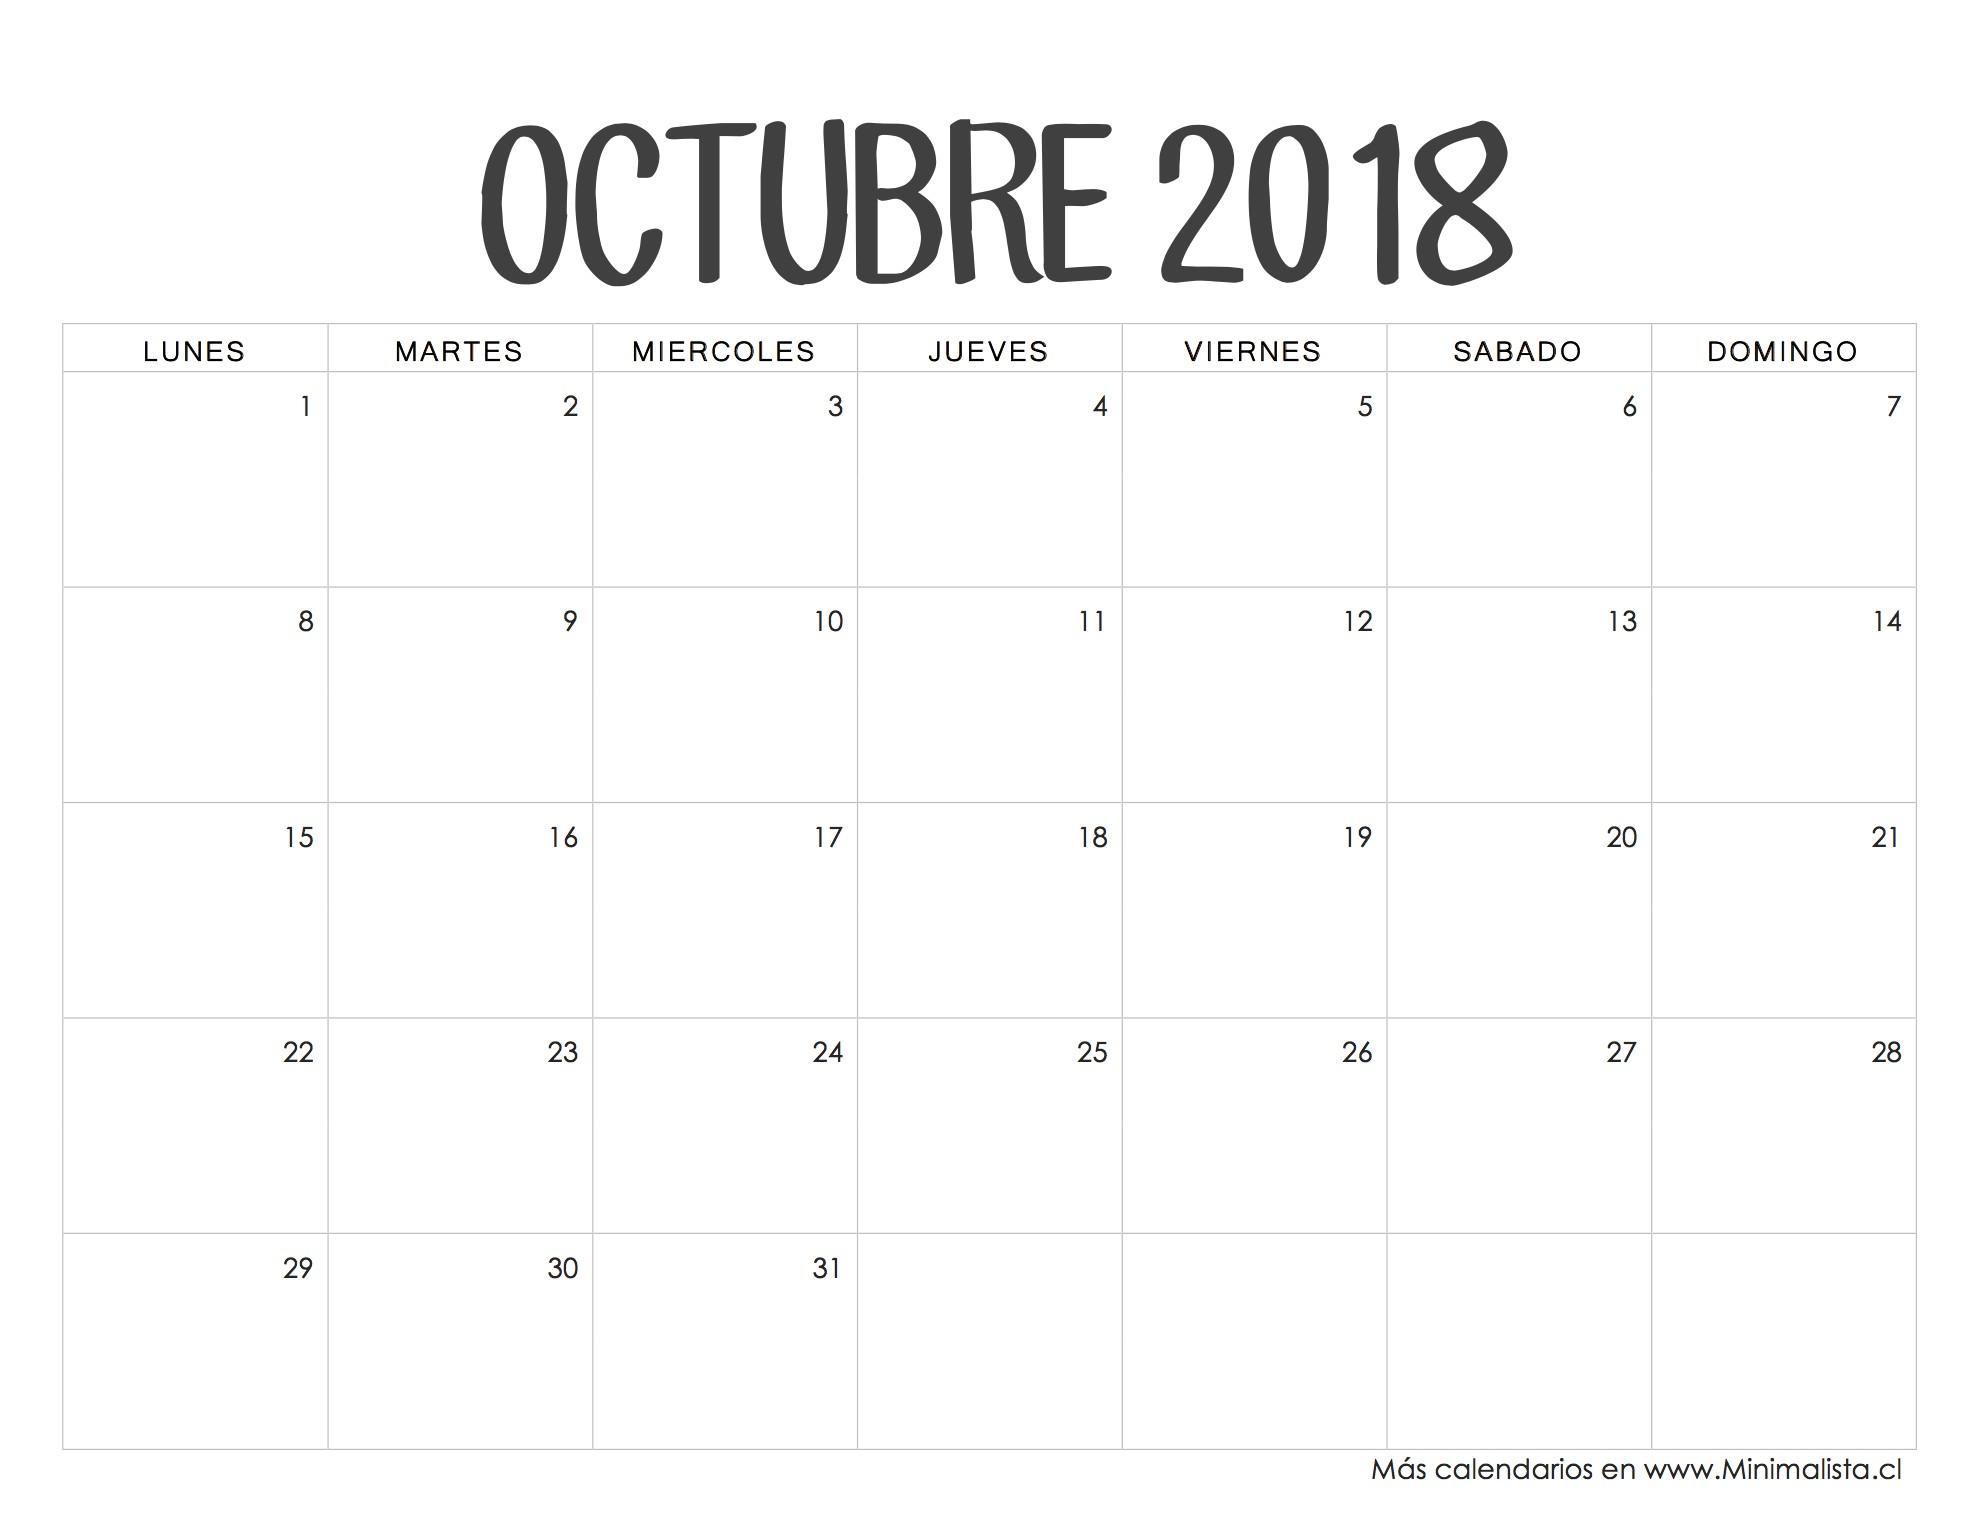 Calendario Octubre 2019 Per Imprimir Más Actual Calendario Octubre 2018 organizarme Of Calendario Octubre 2019 Per Imprimir Más Arriba-a-fecha Puente Octubre Calendario 2019